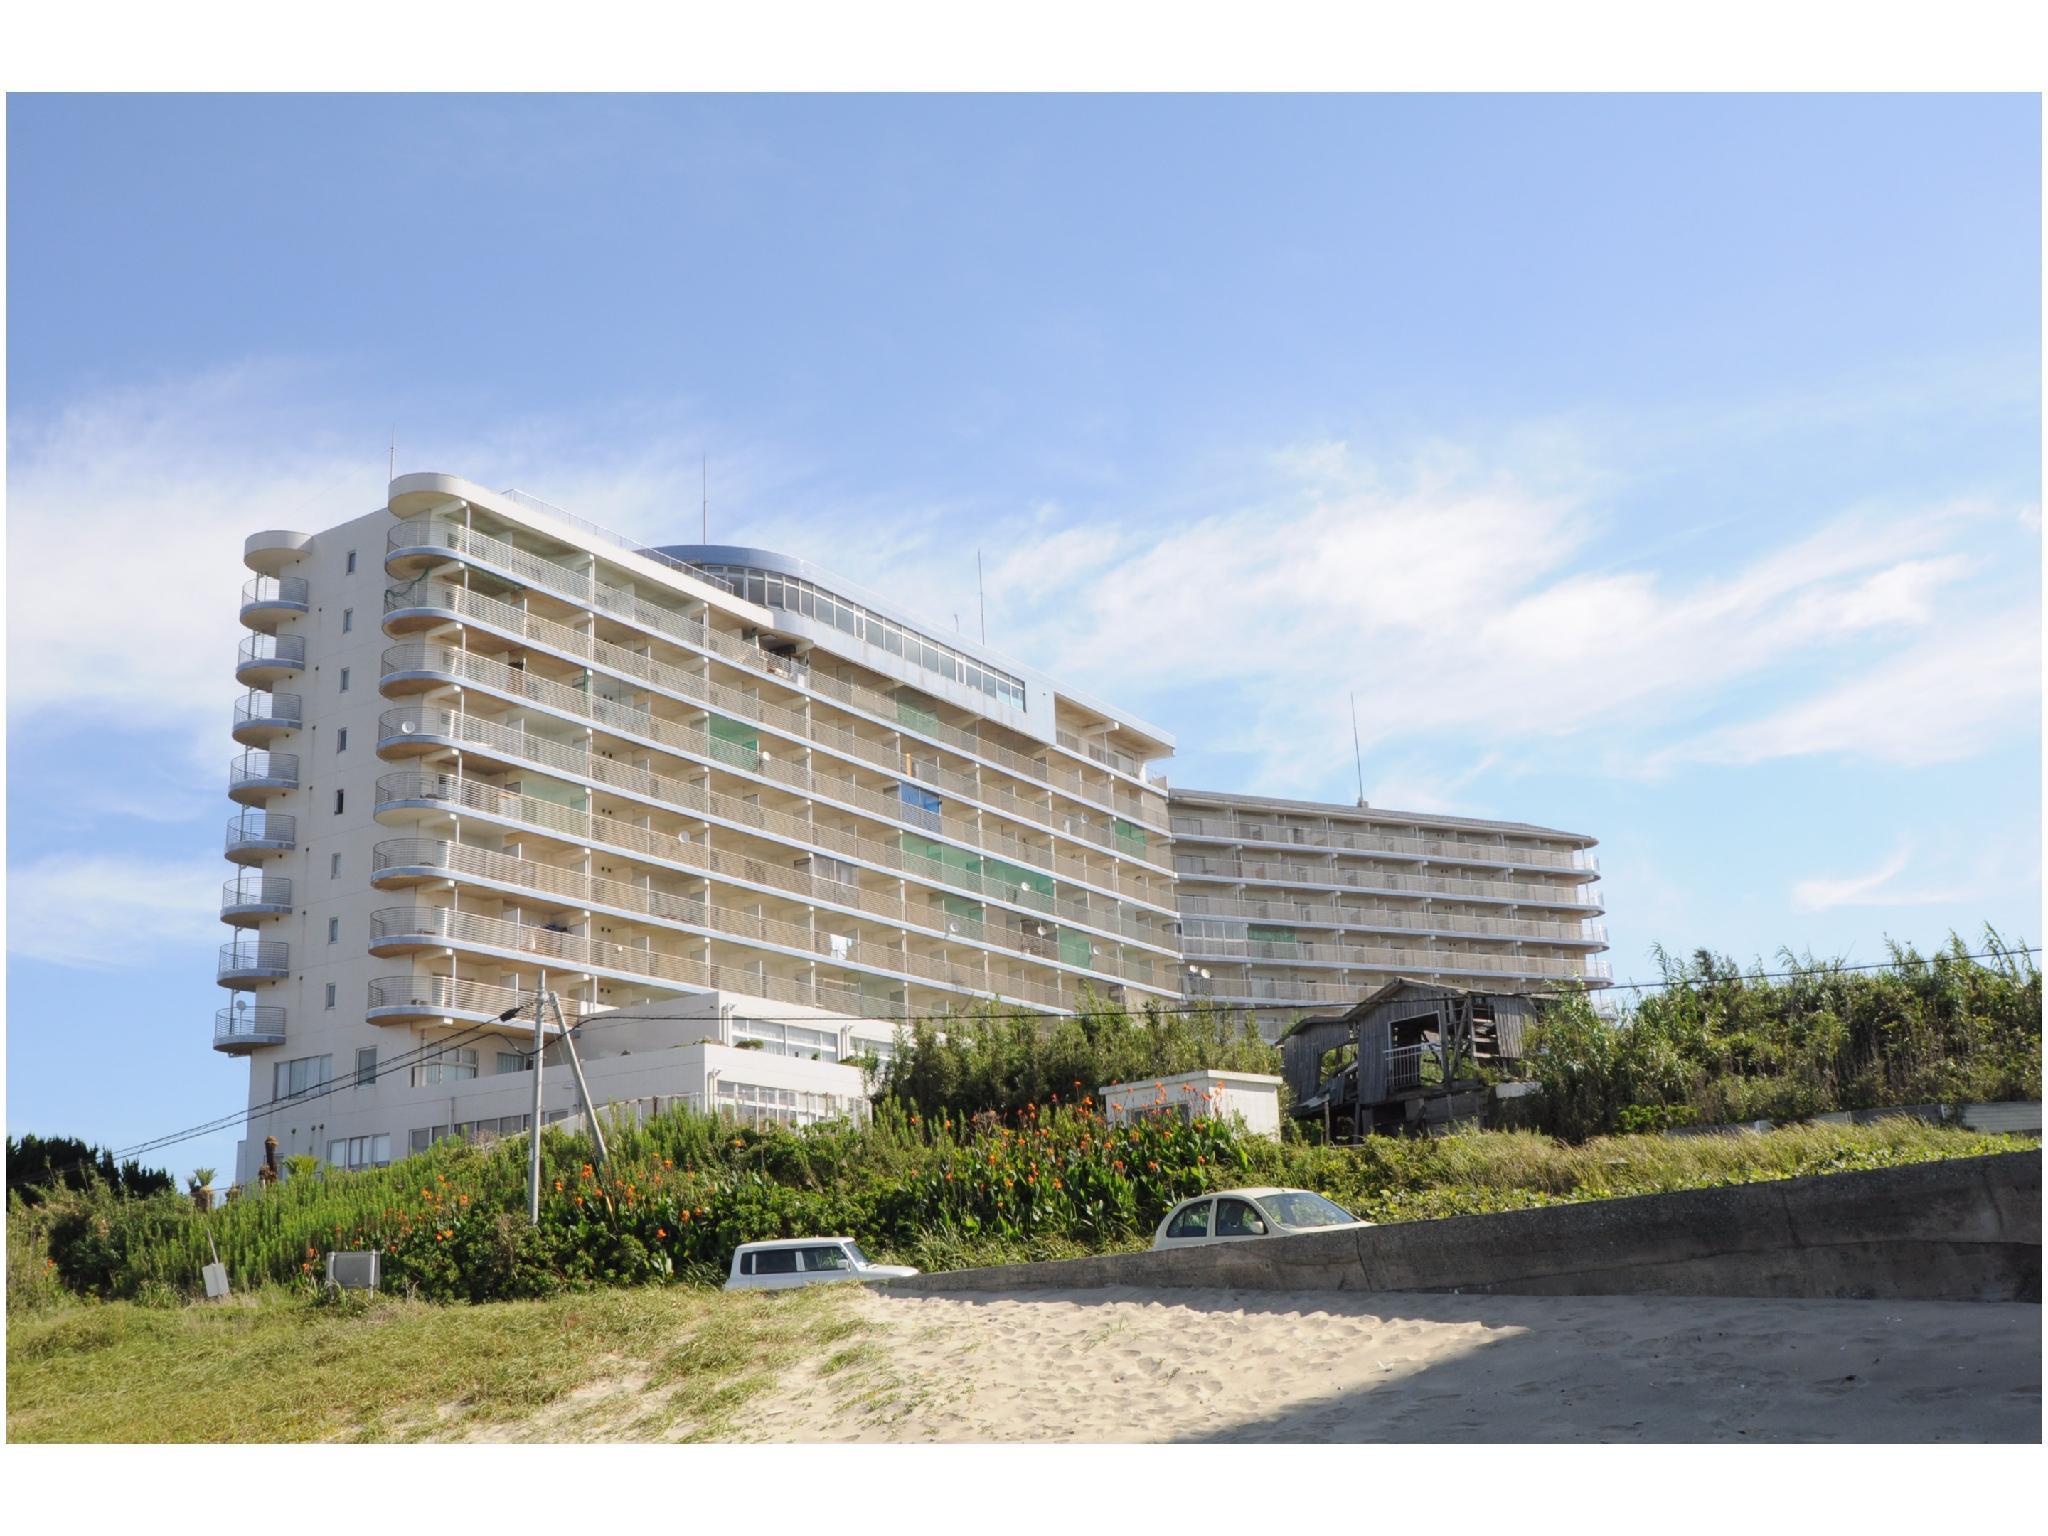 Munakata Resort Hotel  Formerly  Kounominato Kanko Hotel